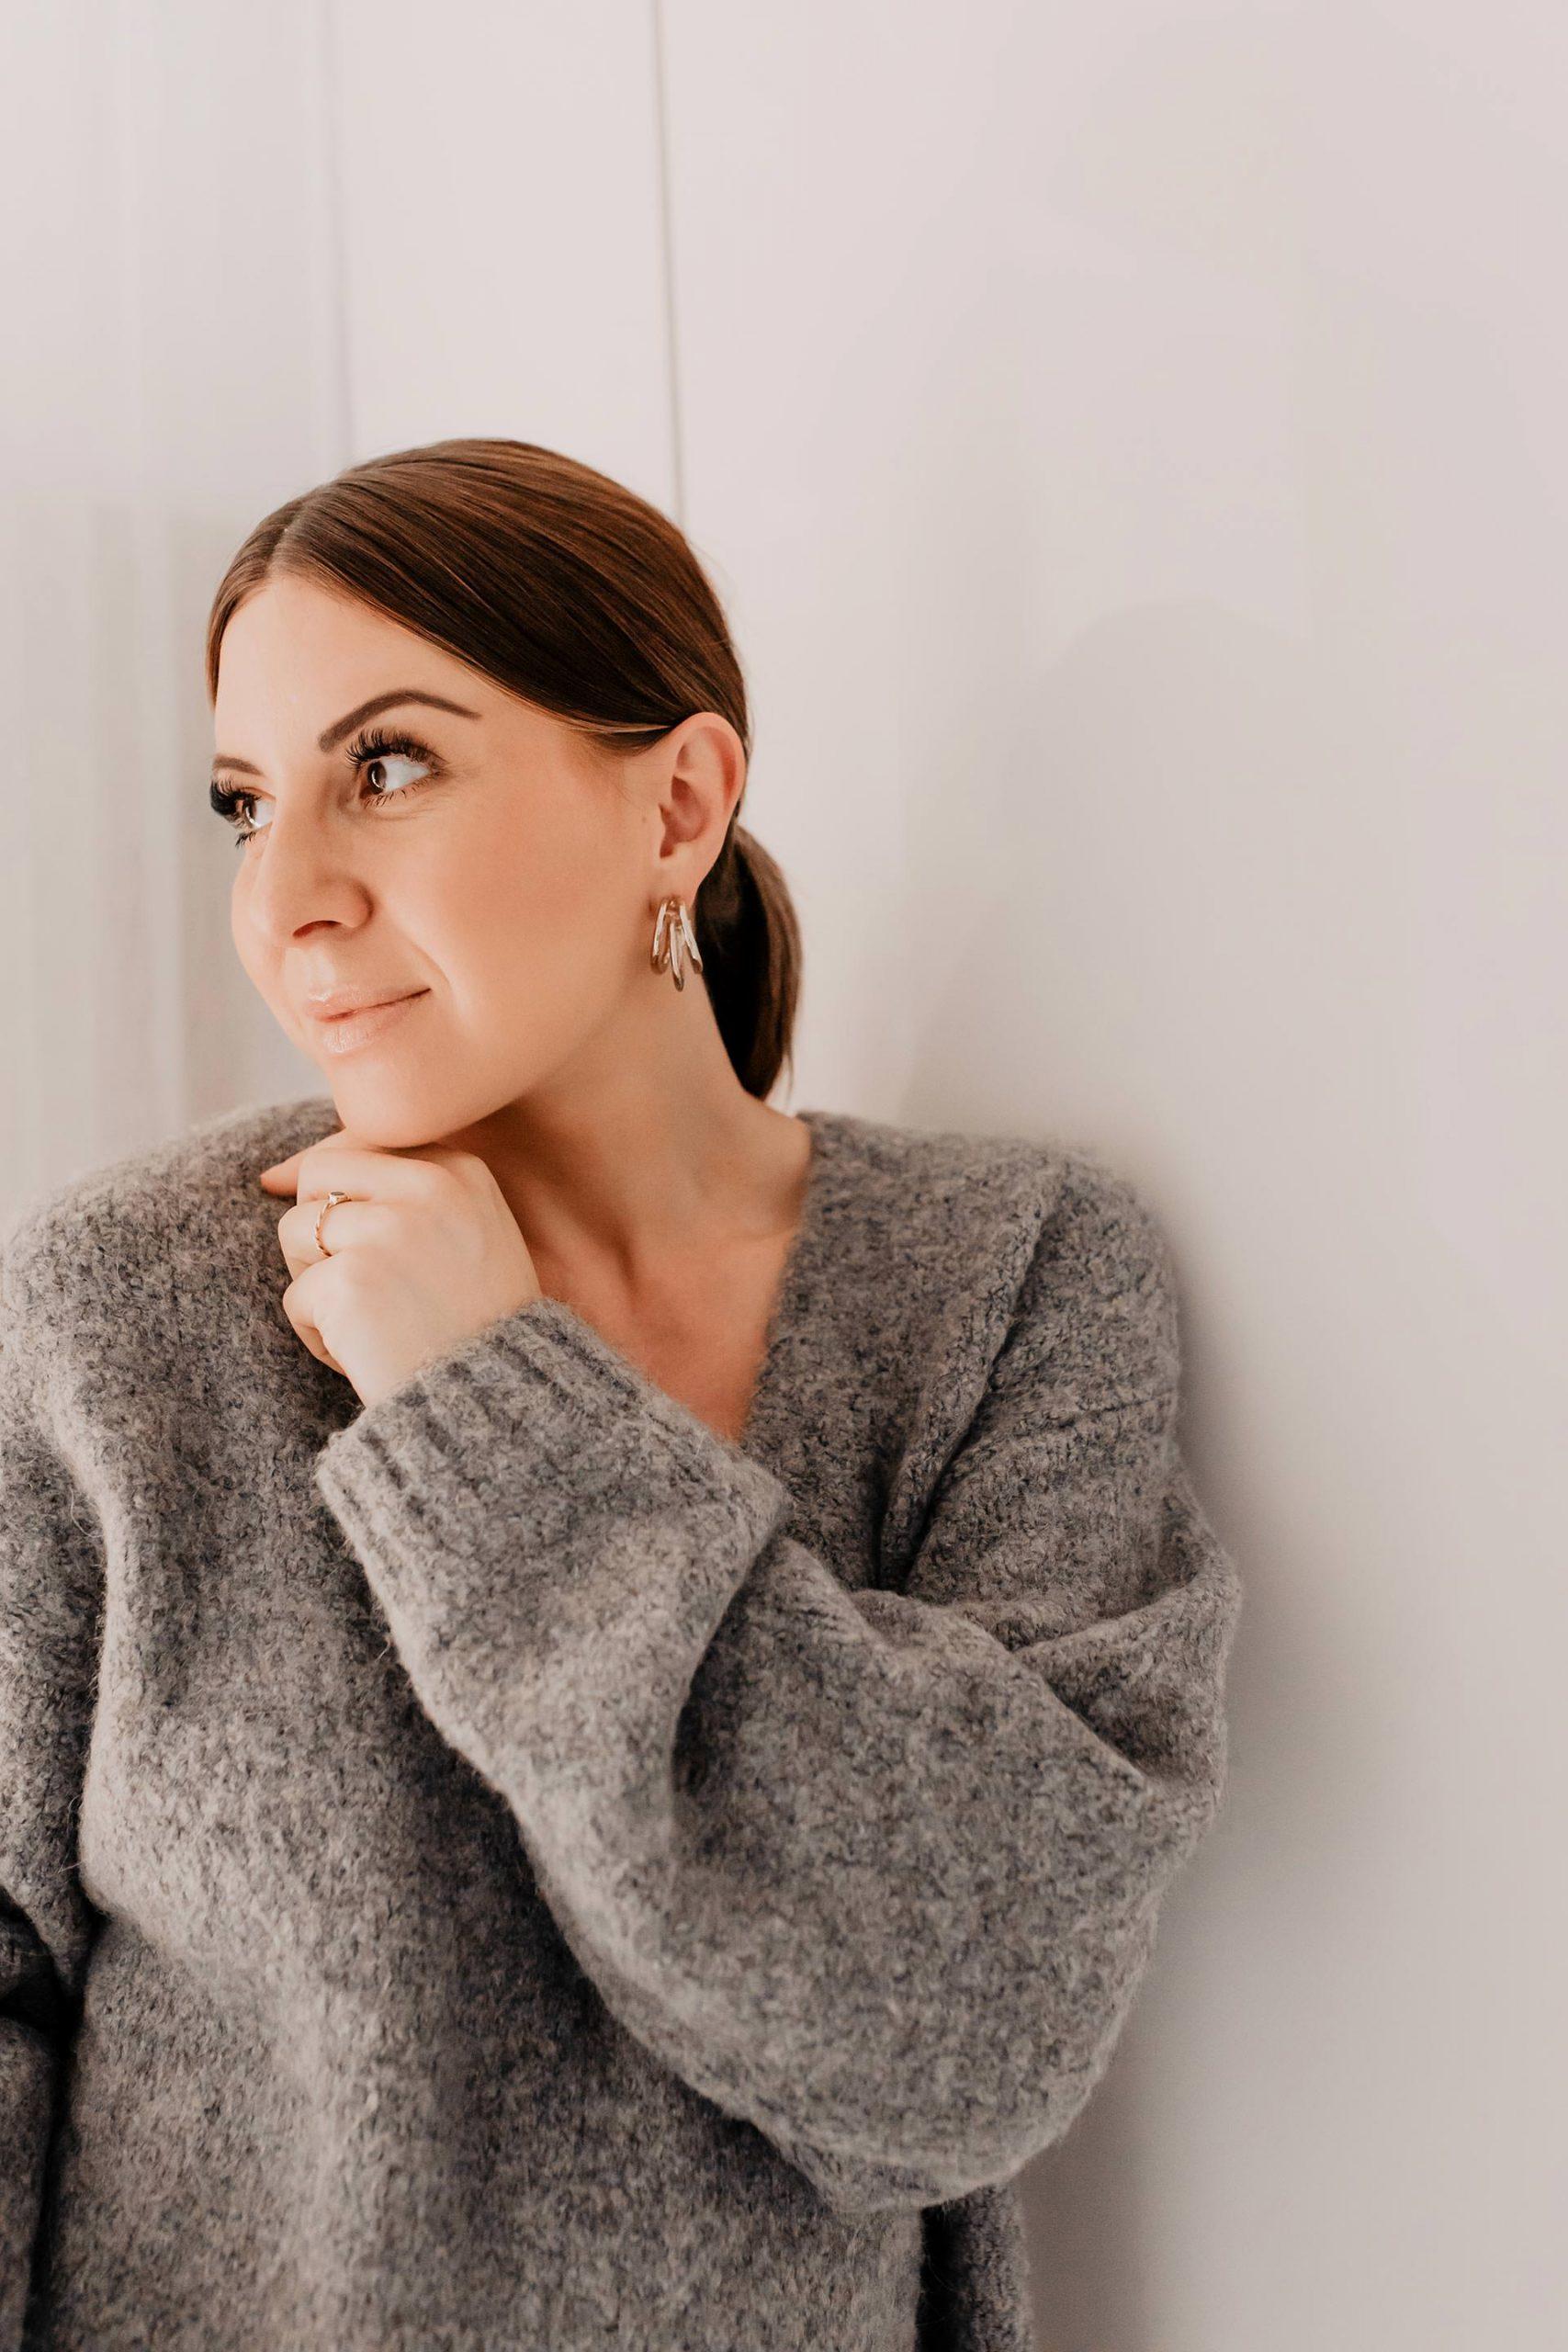 Im heutigen Beitrag teile ich7 einfache Tipps und Tricks für mehr Gelassenheit, innere Ruhe und Ausgeglichenheit mit dir! So einfach kannst du innere Ruhe finden und deinen beruflichen Alltag entspannter gestalten. www.whoismocca.com